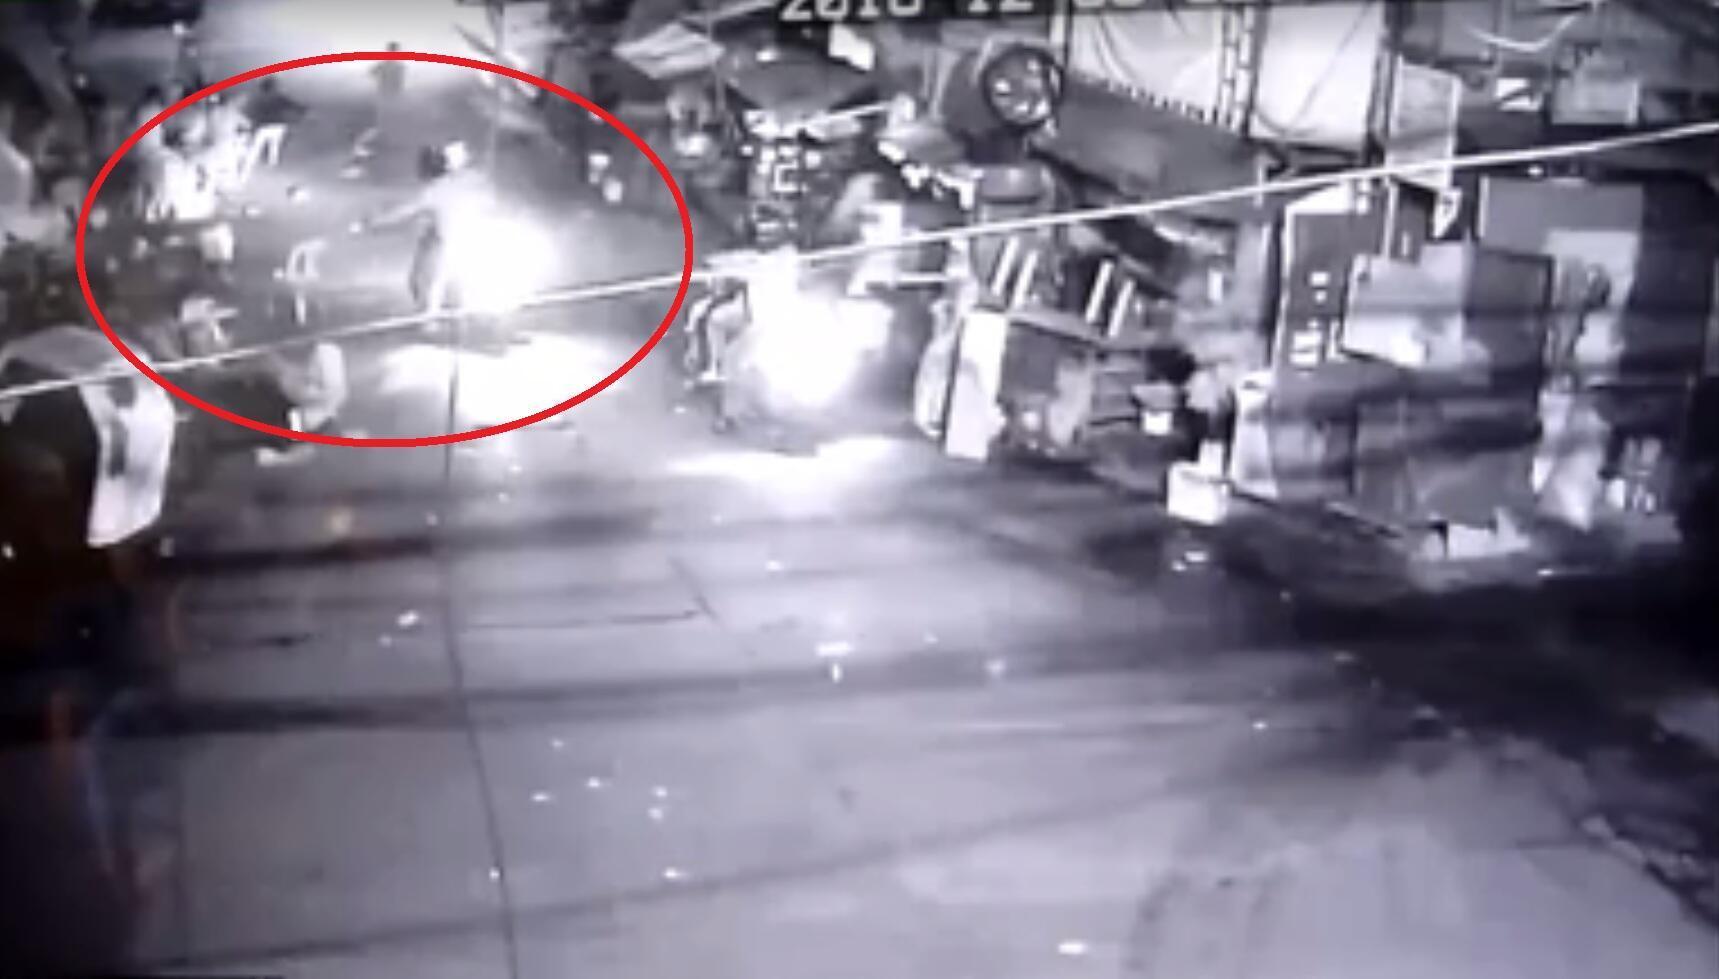 Sur cette image de vidéo surveillance, un homme en scooter tire avec un pistolet sur des personnes dans un quartier de Makati aux Philippines.